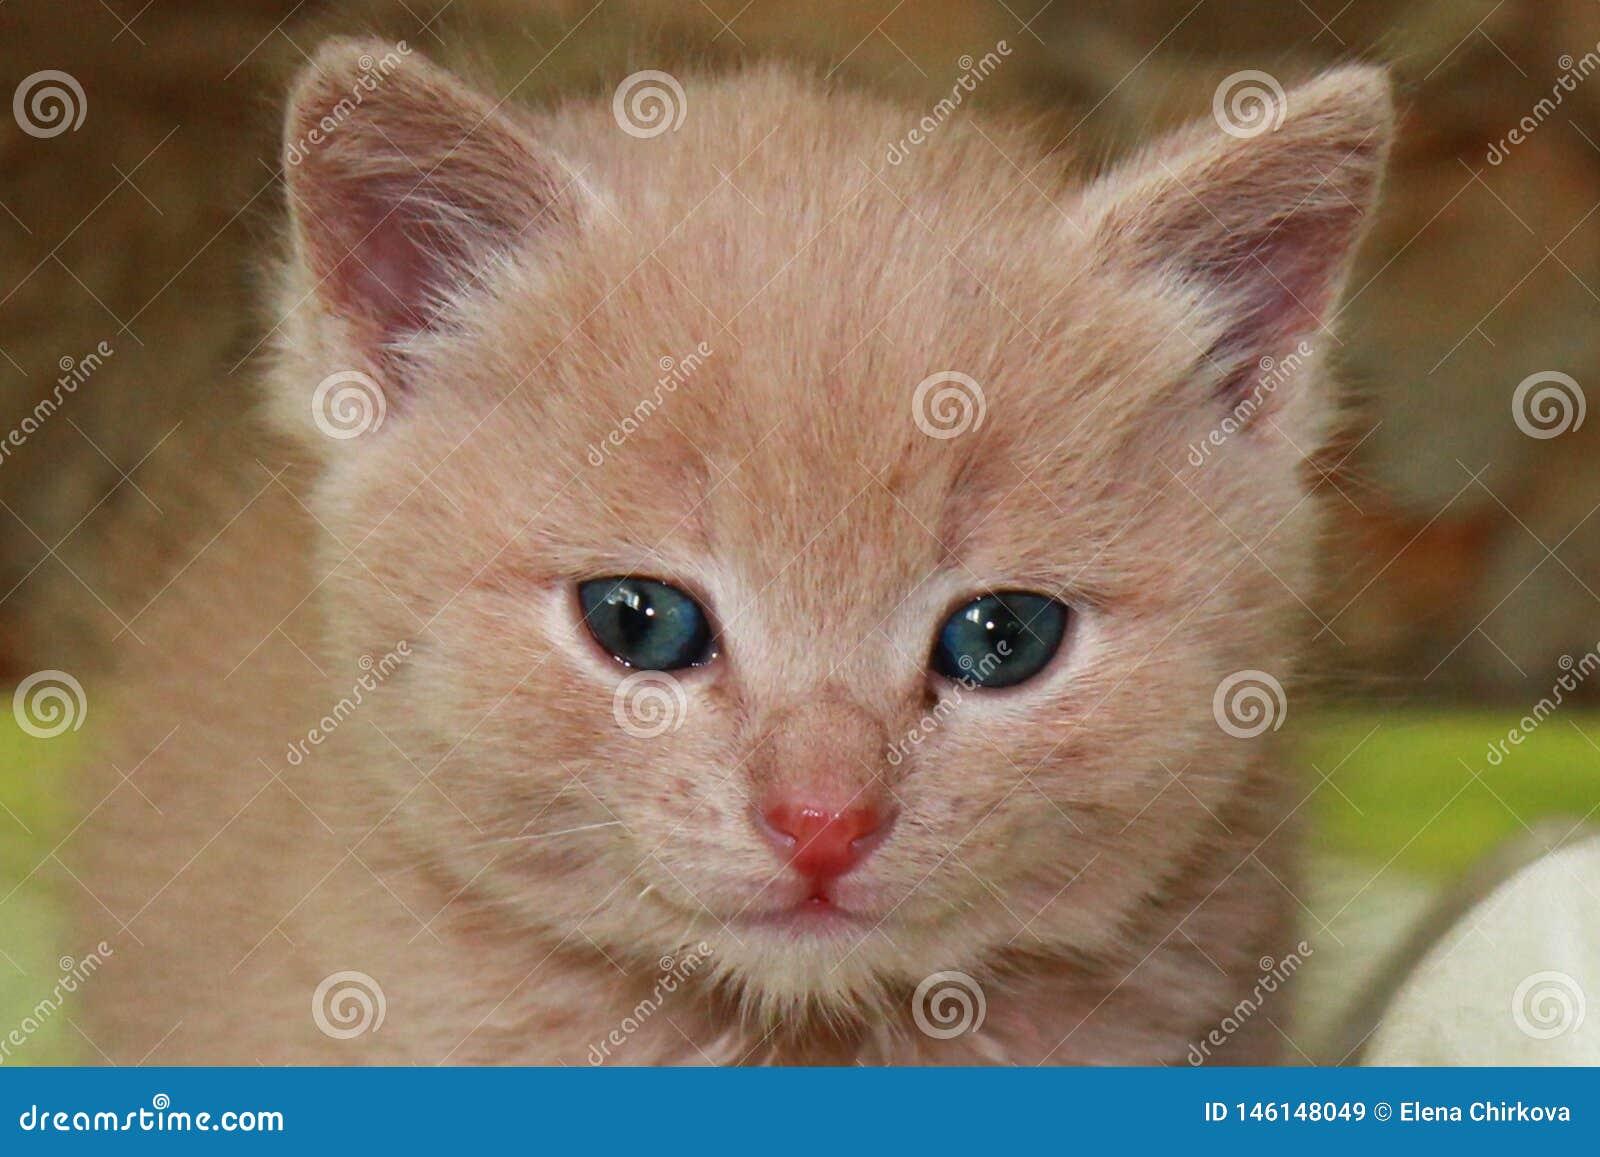 Gember weinig katje met blauwe ogen op een groene achtergrond